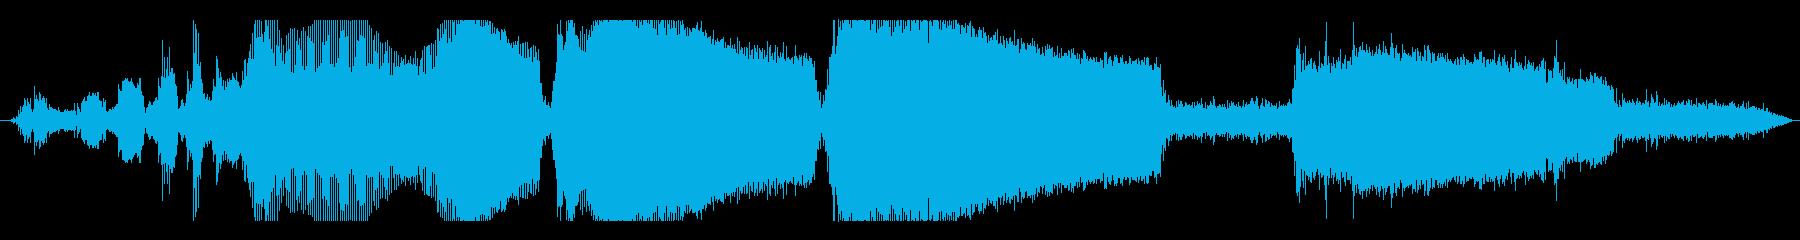 車 オペルカデット高速加速ギアシフト01の再生済みの波形